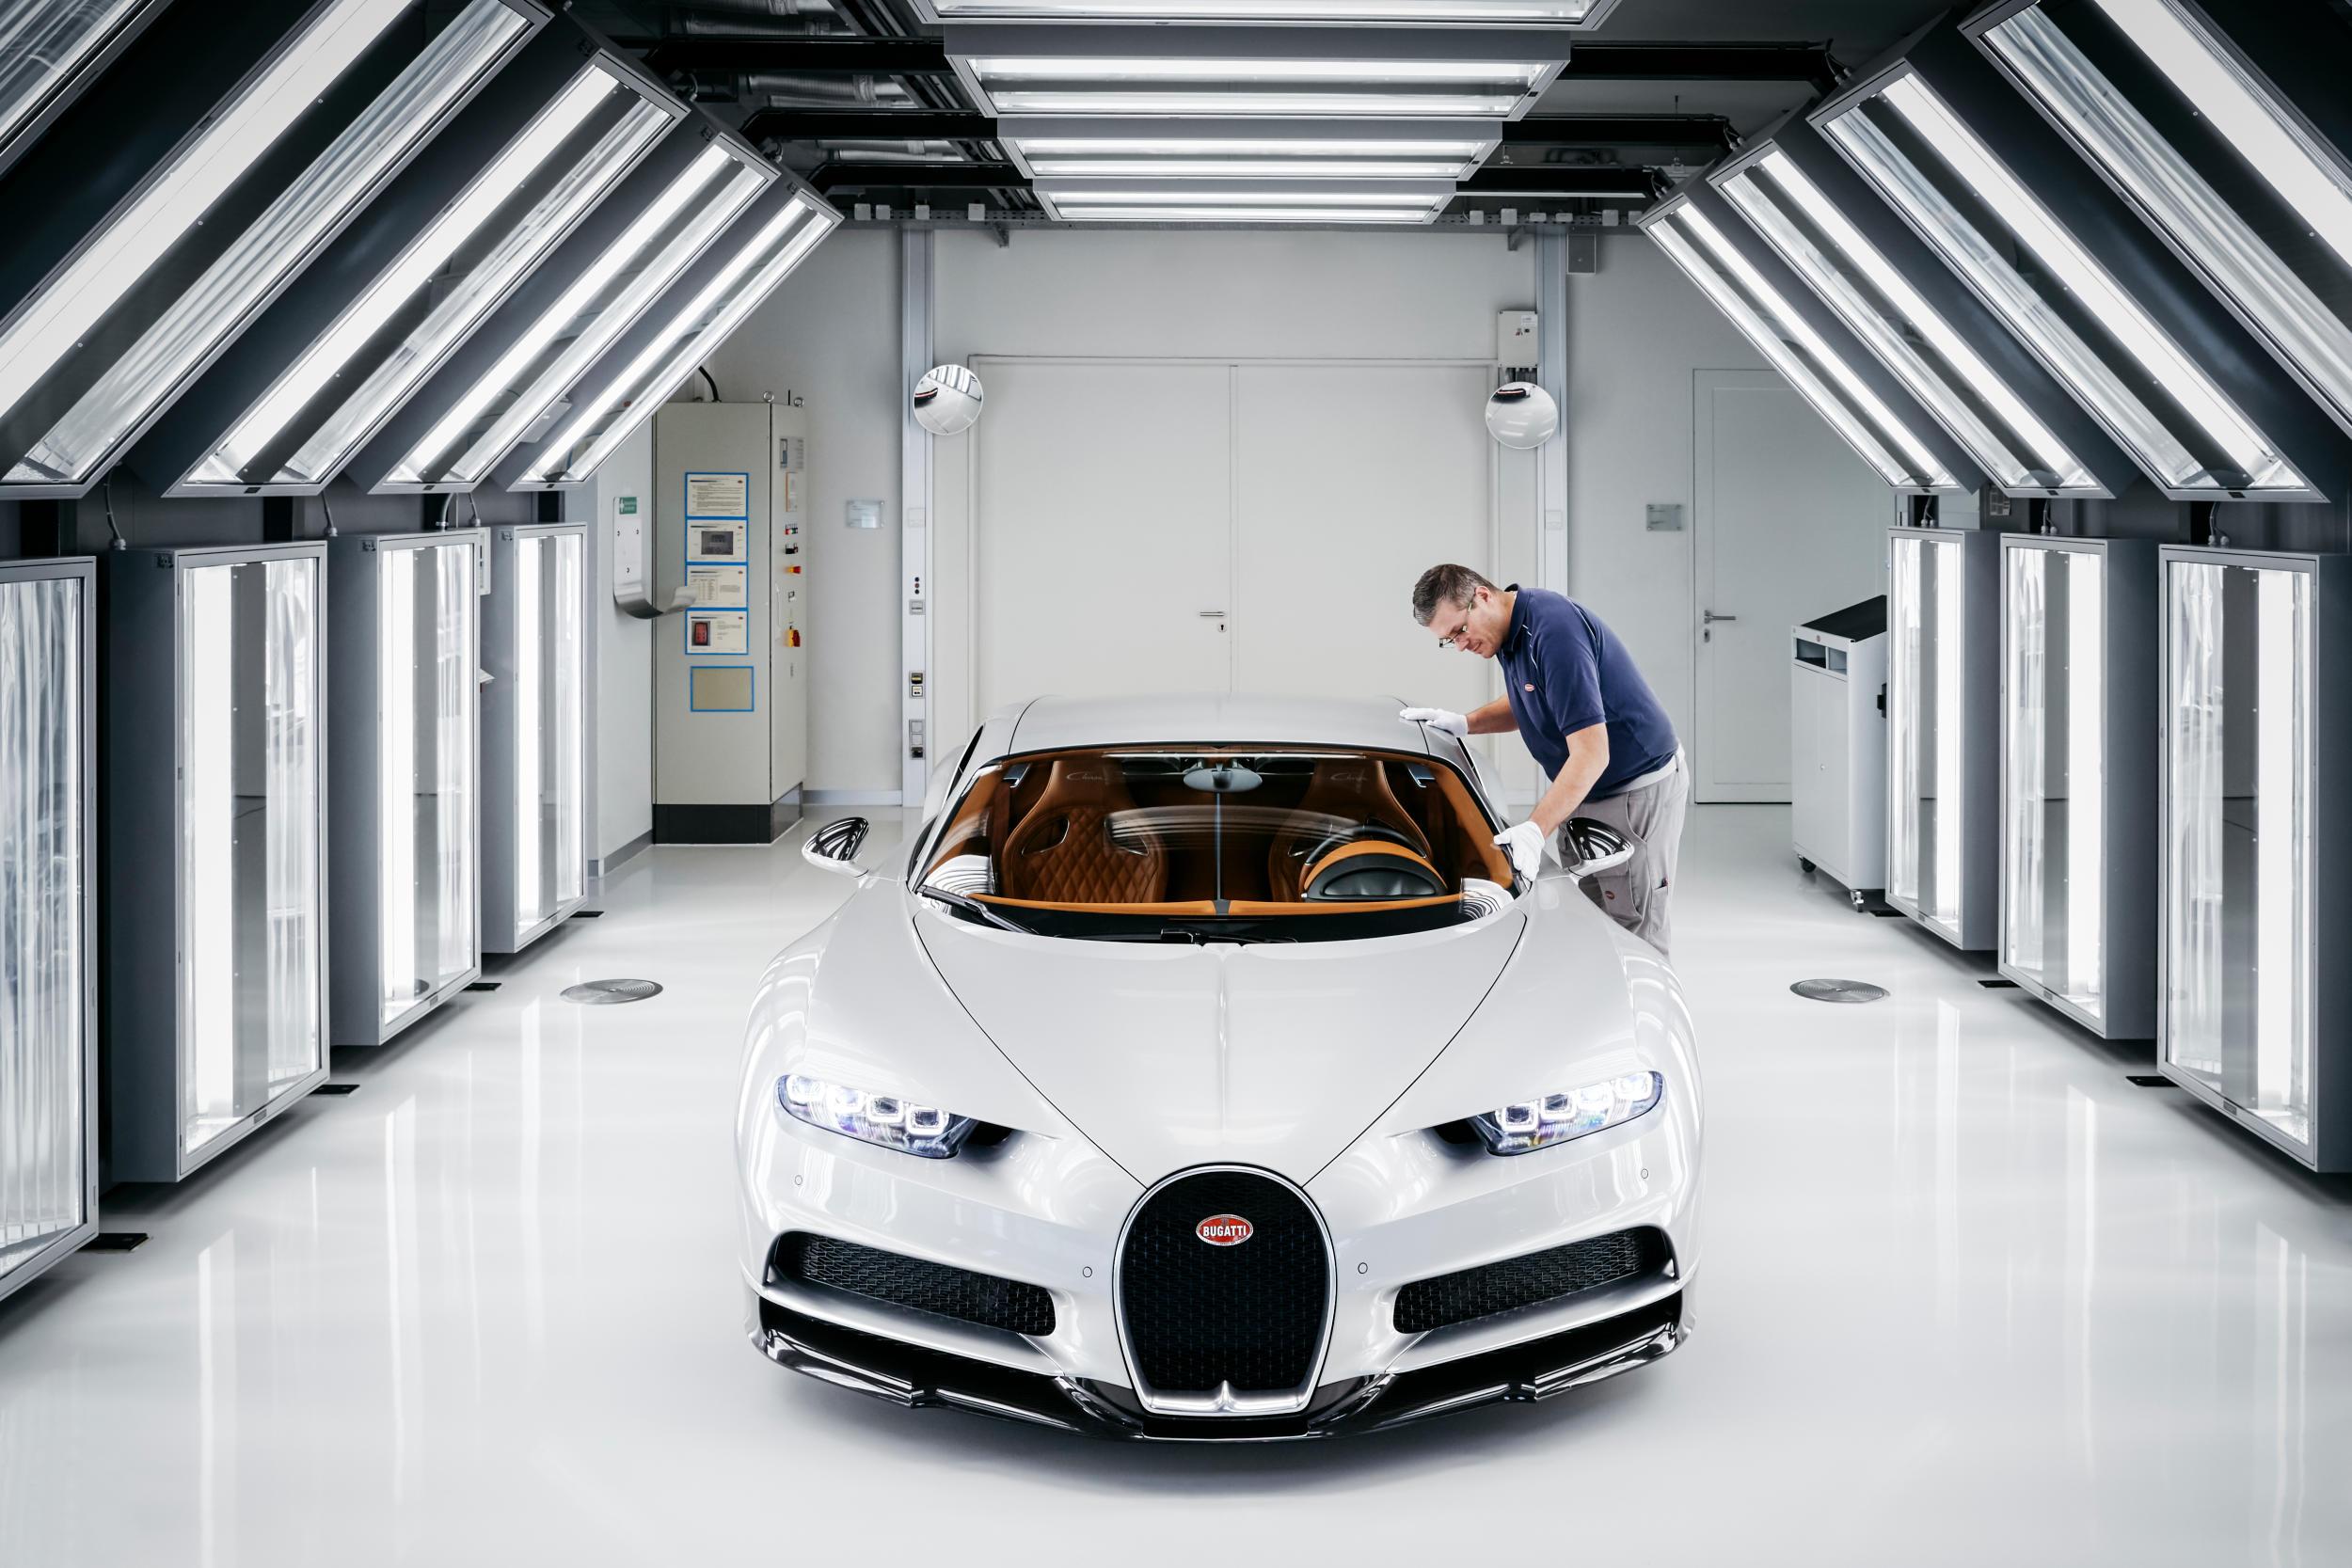 Bugatti chiron fabriek MAN MAN 12